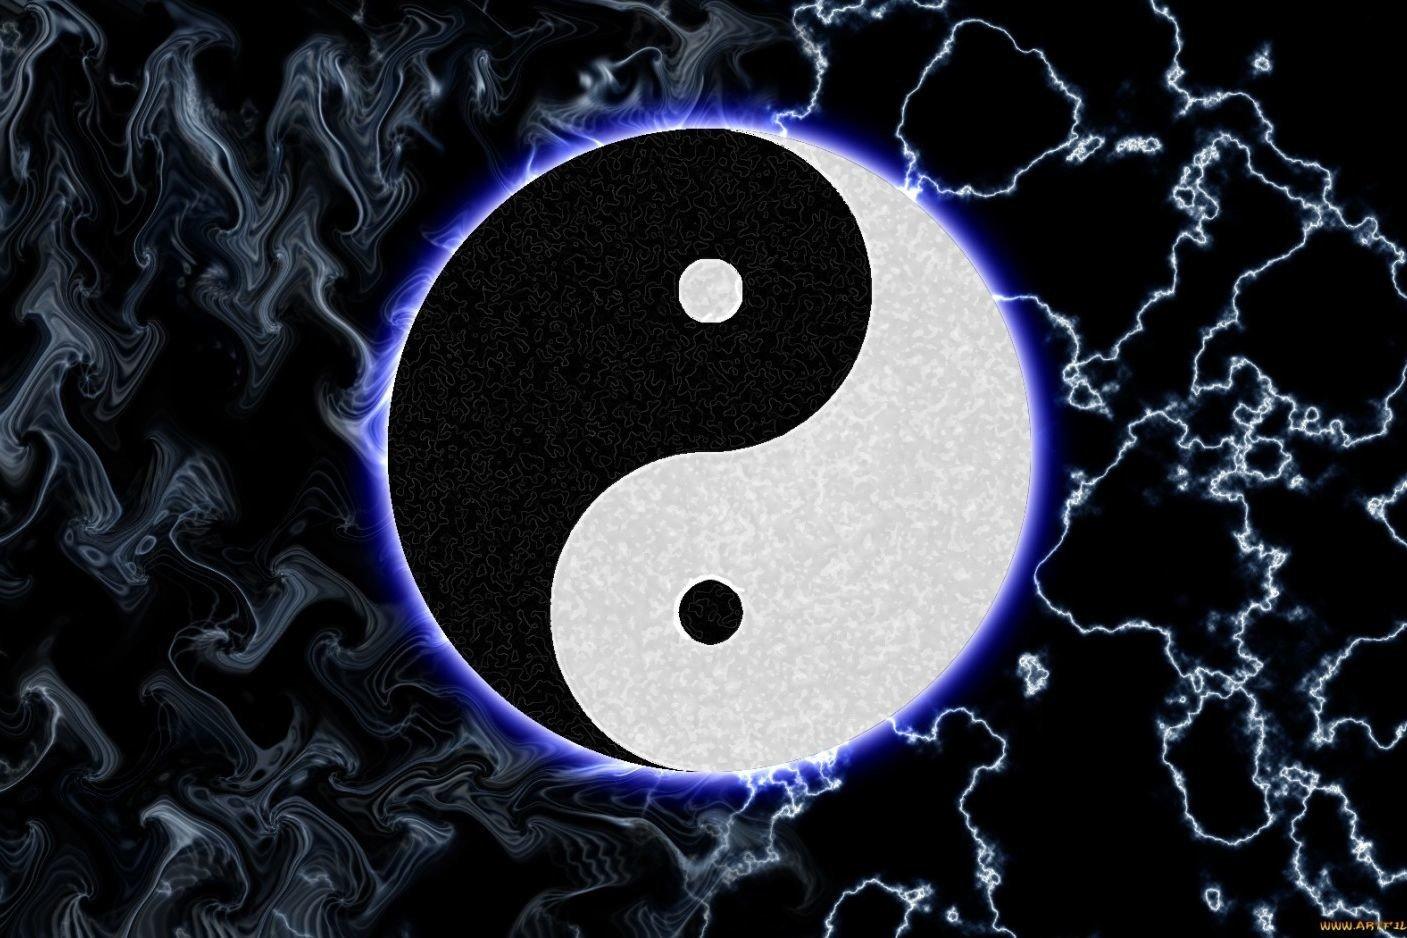 Психология: инь ян - бесплатные статьи по психологии в доме солнца